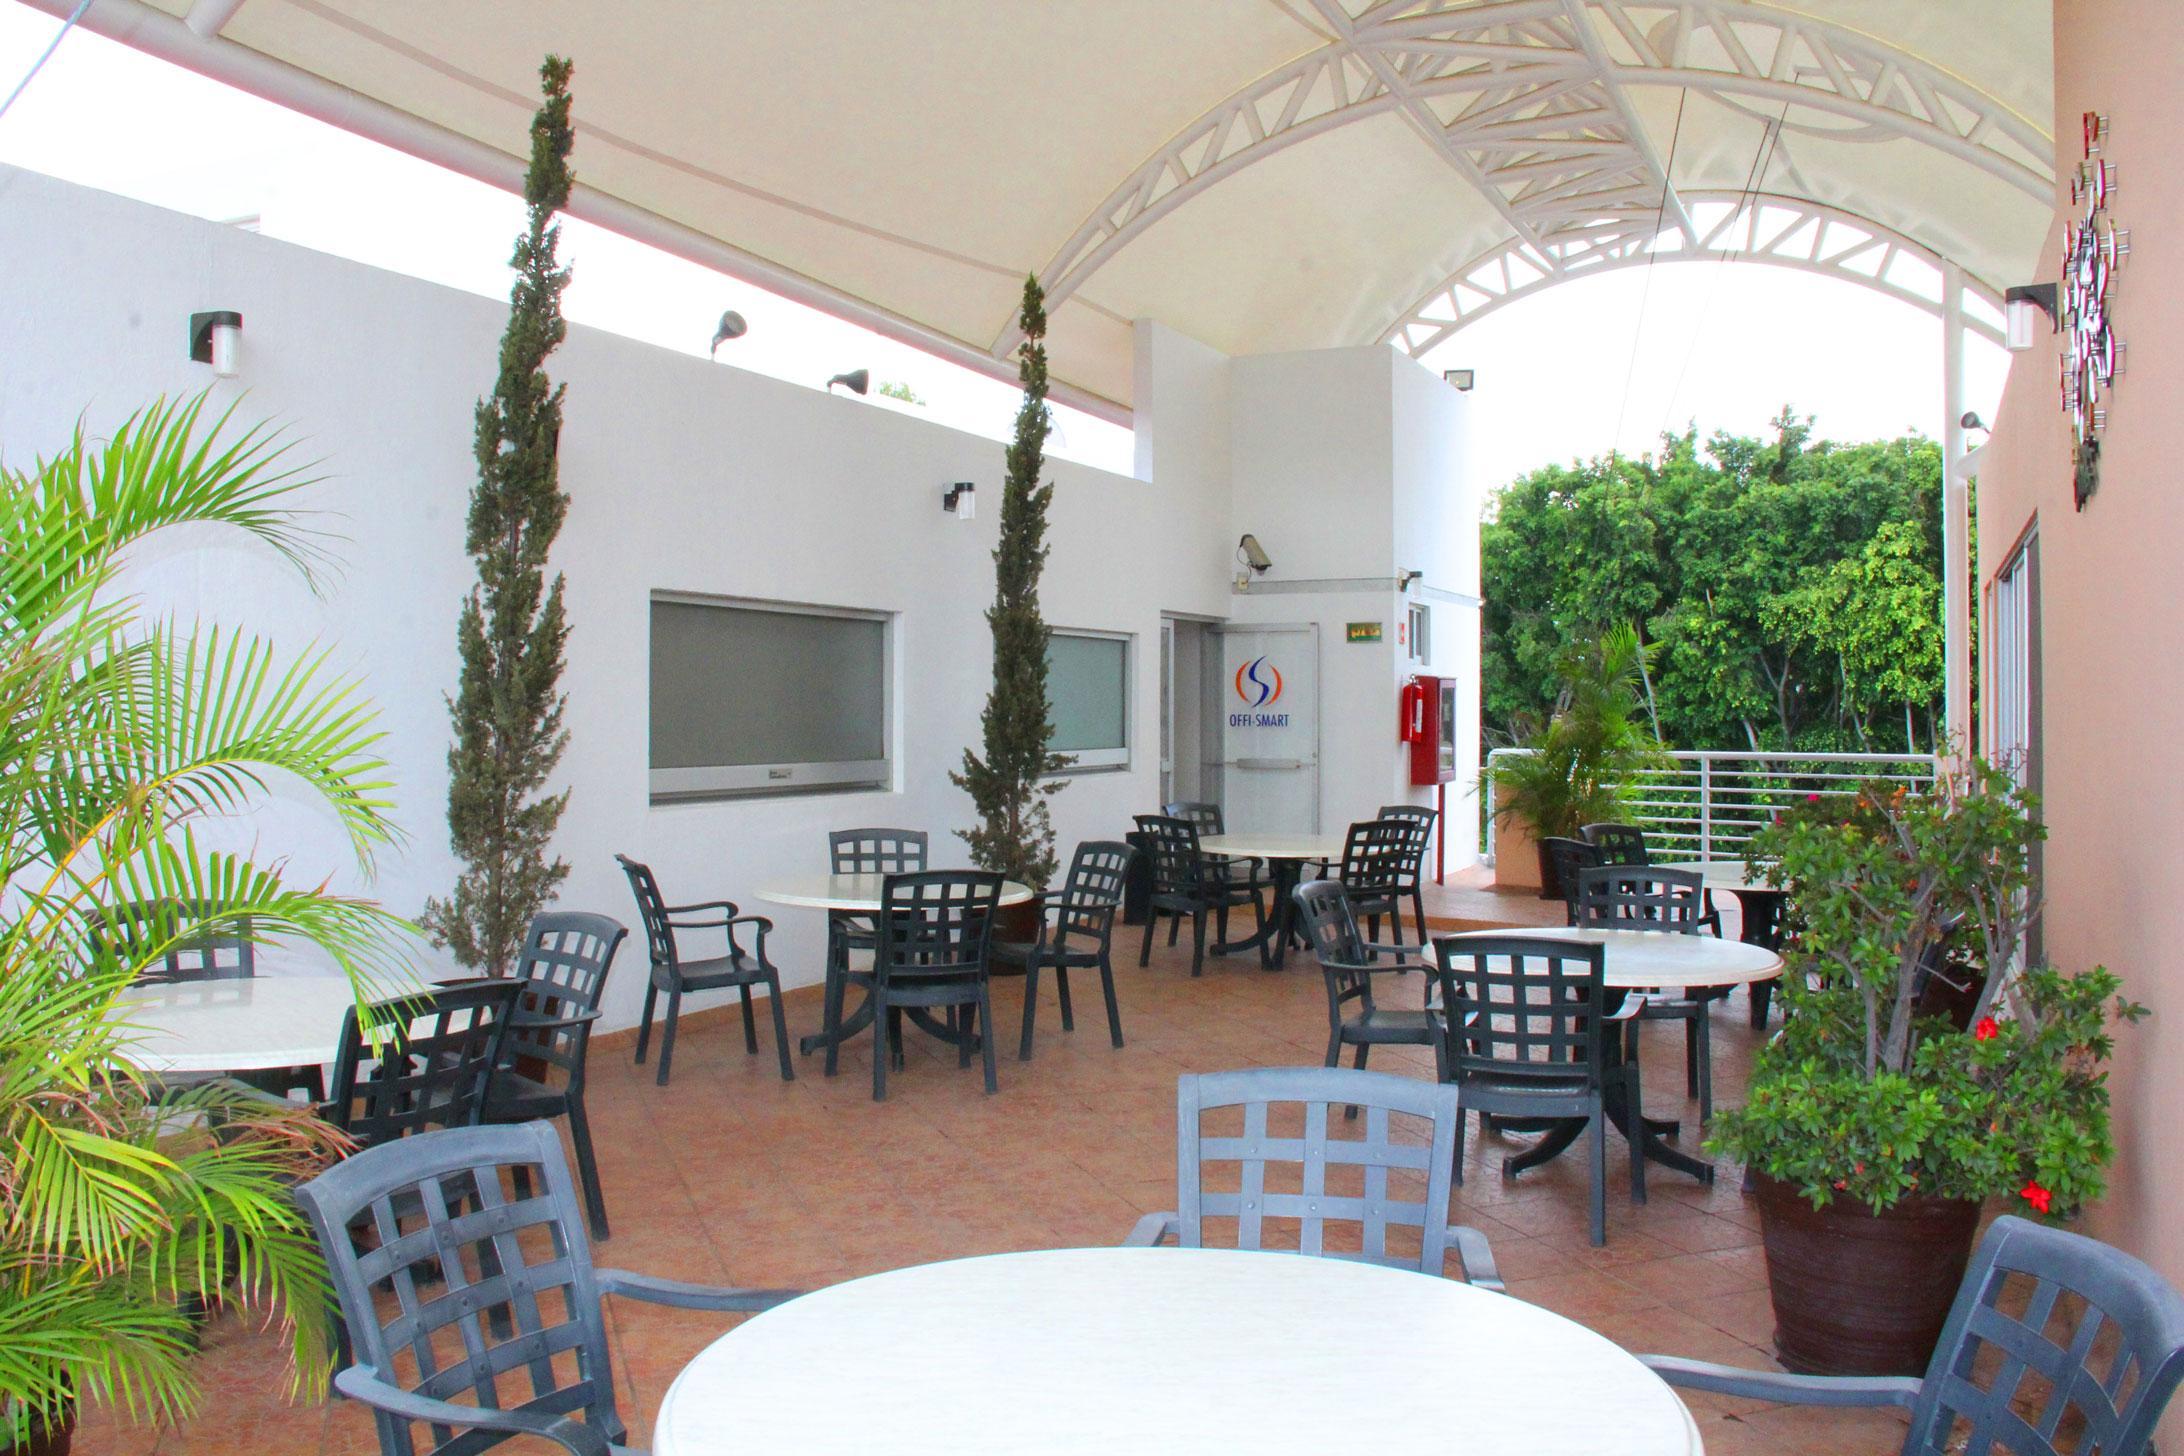 Offi smart oficinas en gualadalajara comedor y terraza - Comedor terraza ...